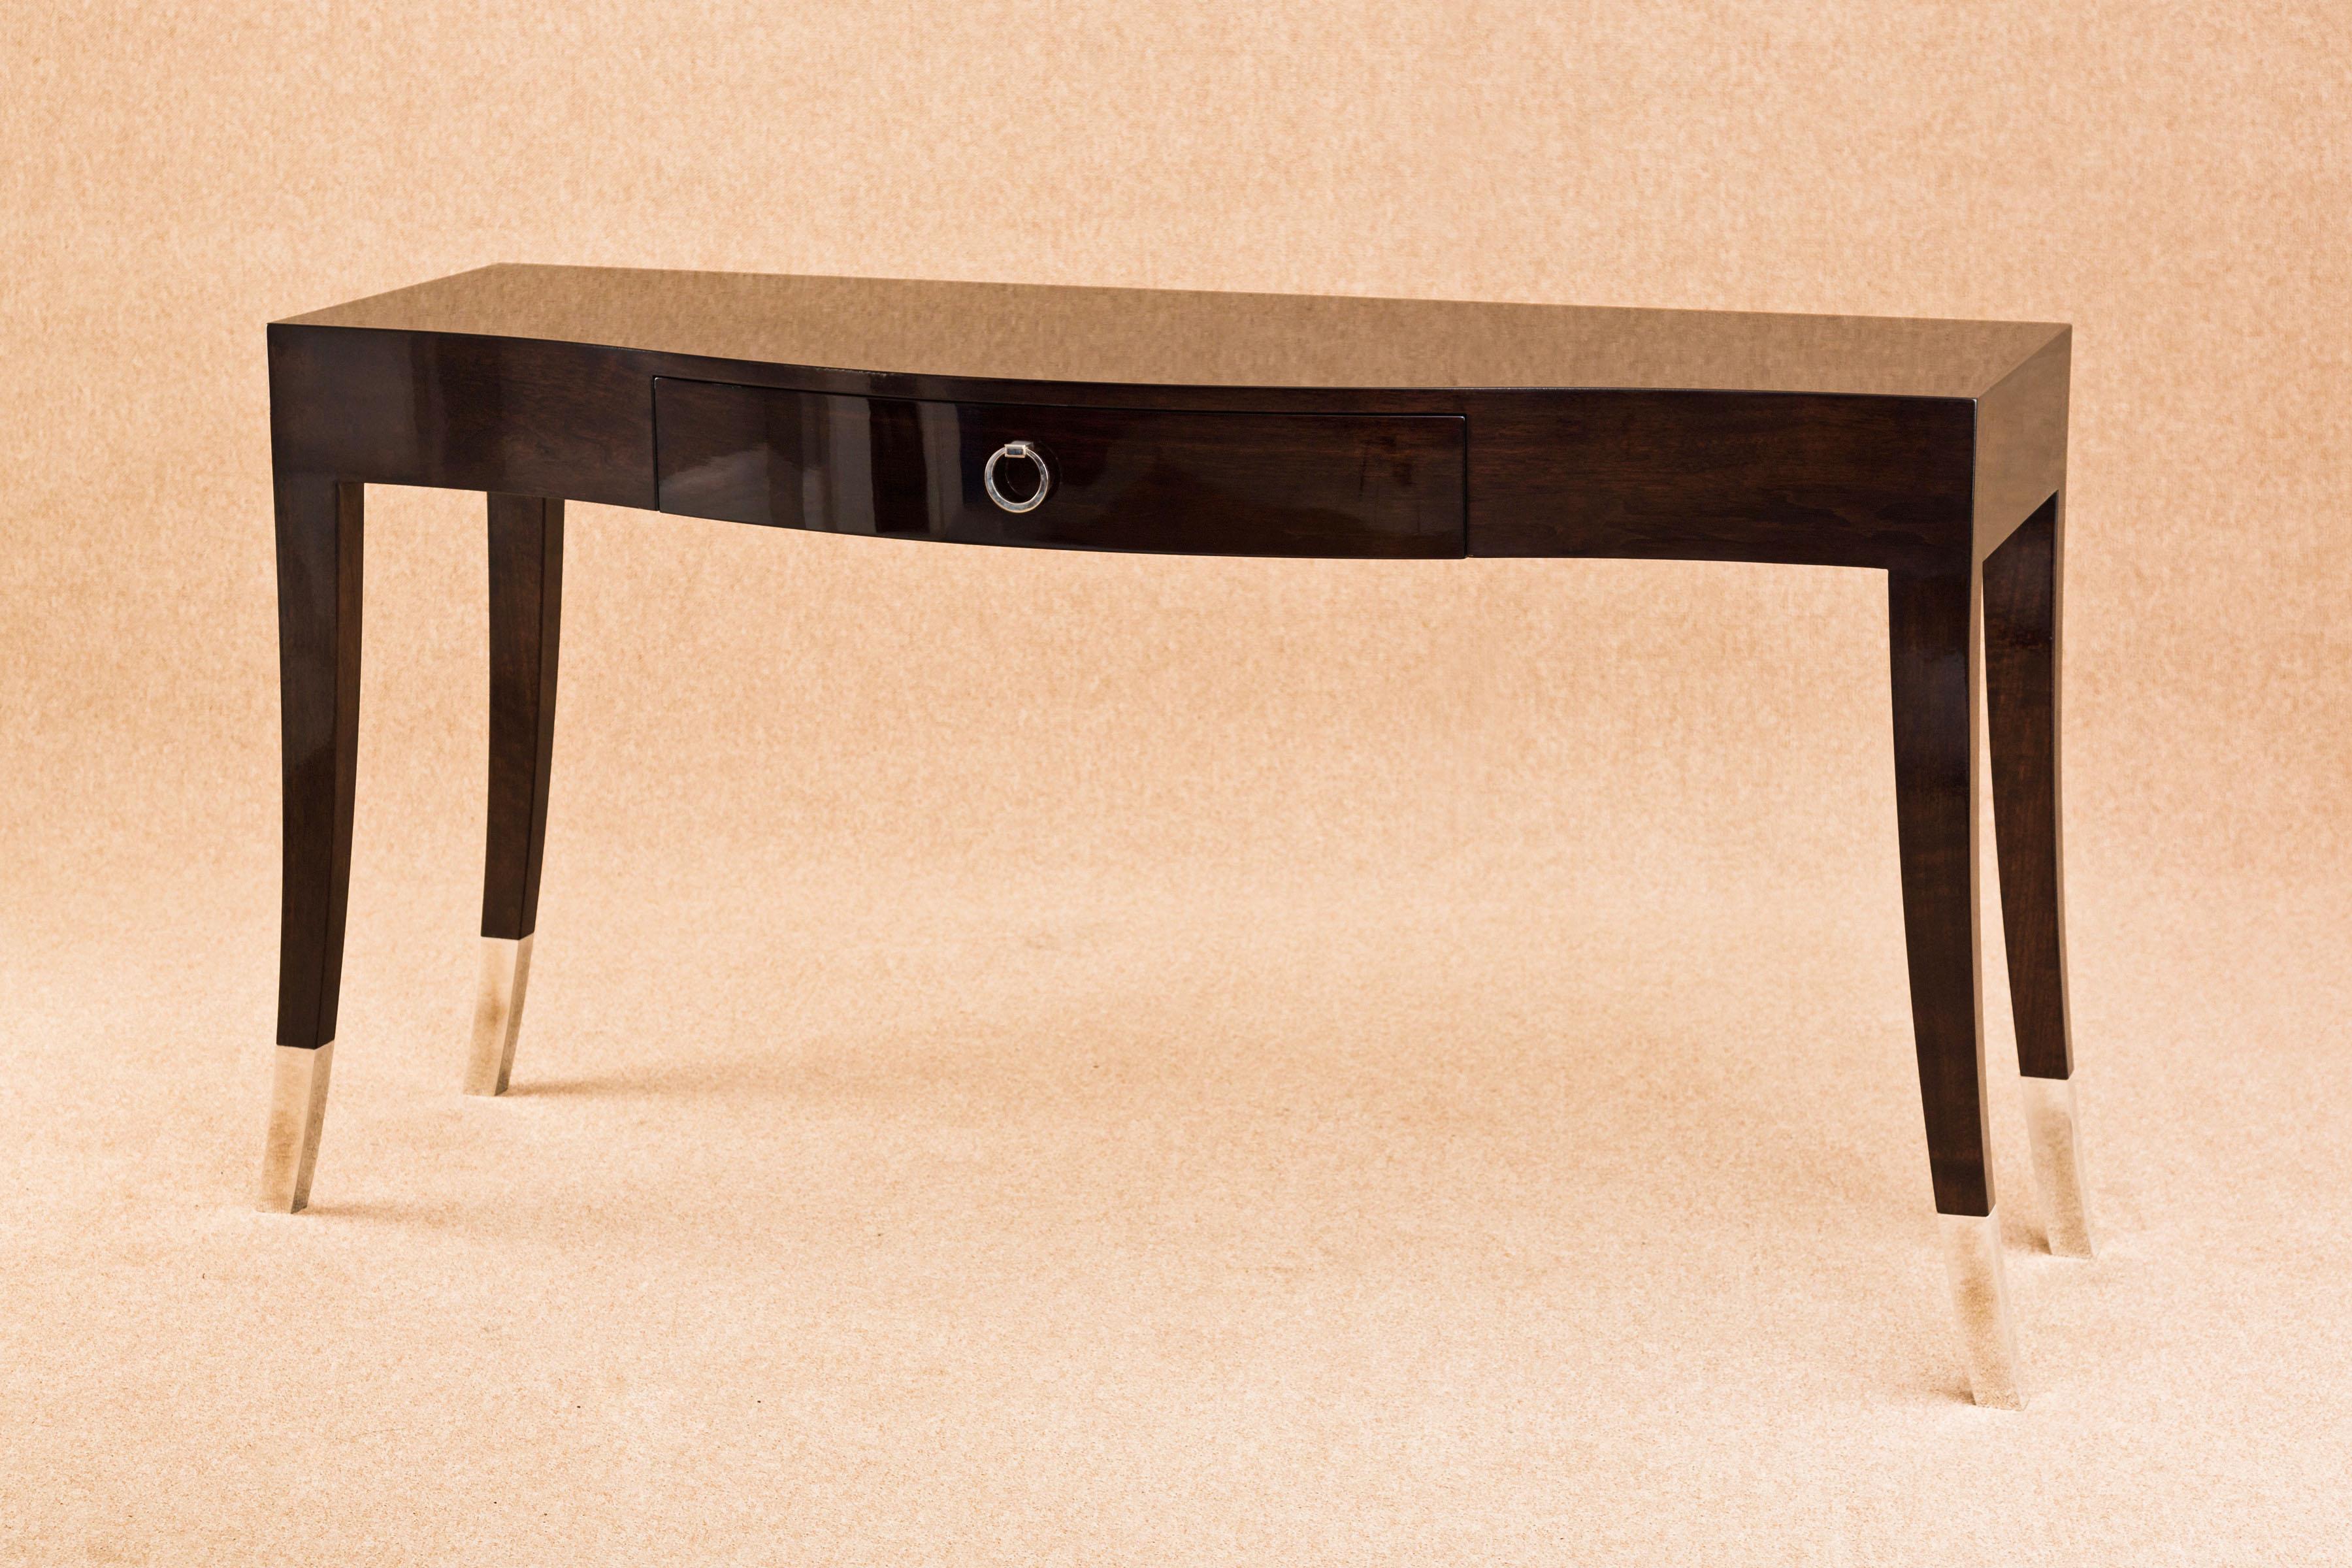 Model No 4824